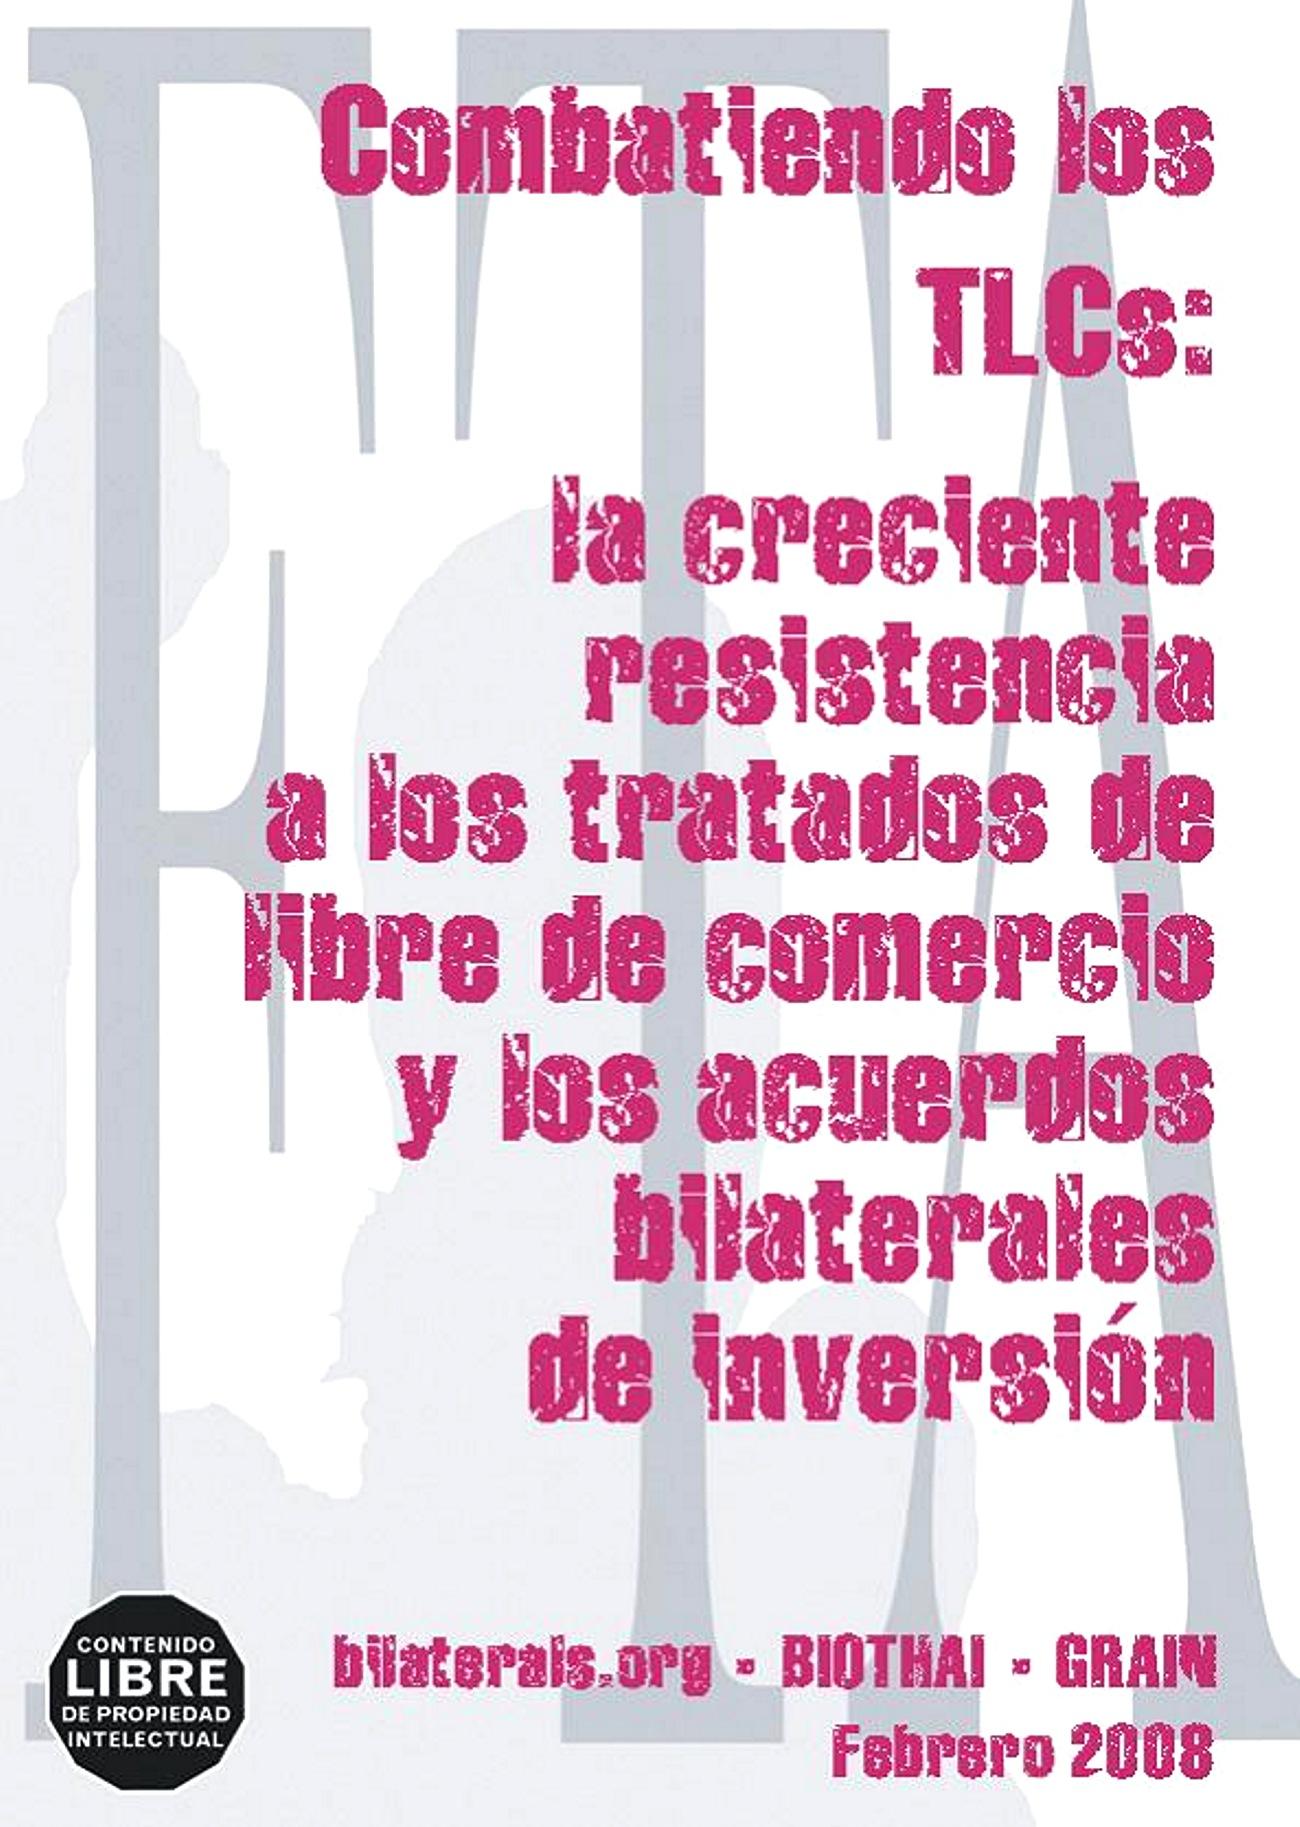 Gráfica alusiva a Combatiendo los TLC: La creciente resistencia a los tratados de libre comercio y los acuerdos bilaterales de inversión